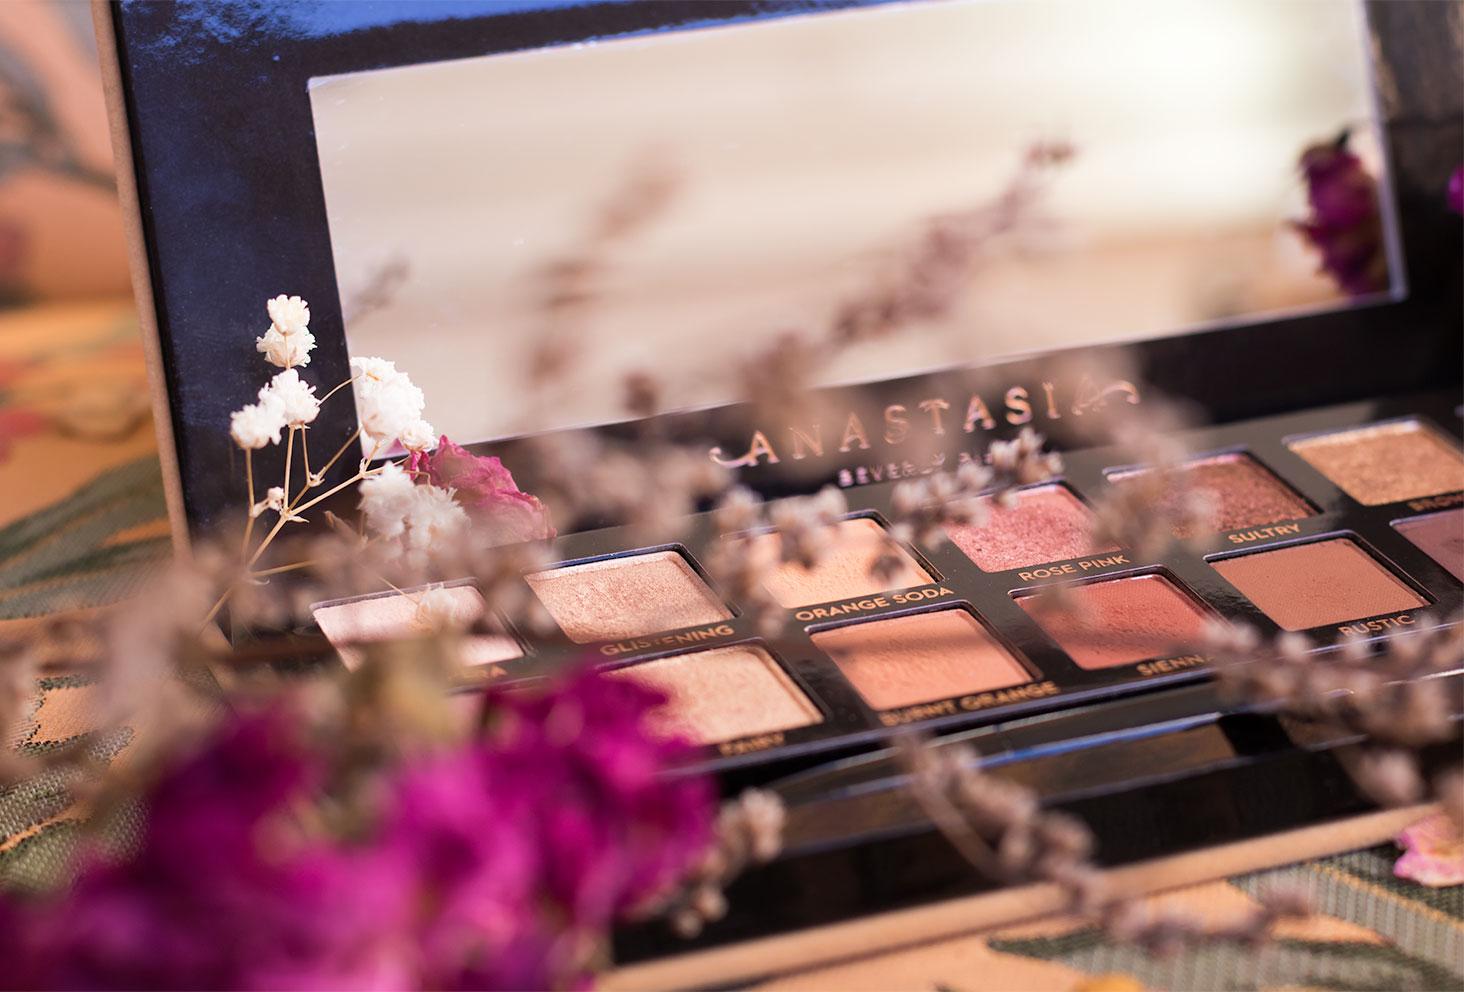 Zoom sur les fards de la palette Soft Glam cachée derrière les fleurs séchées